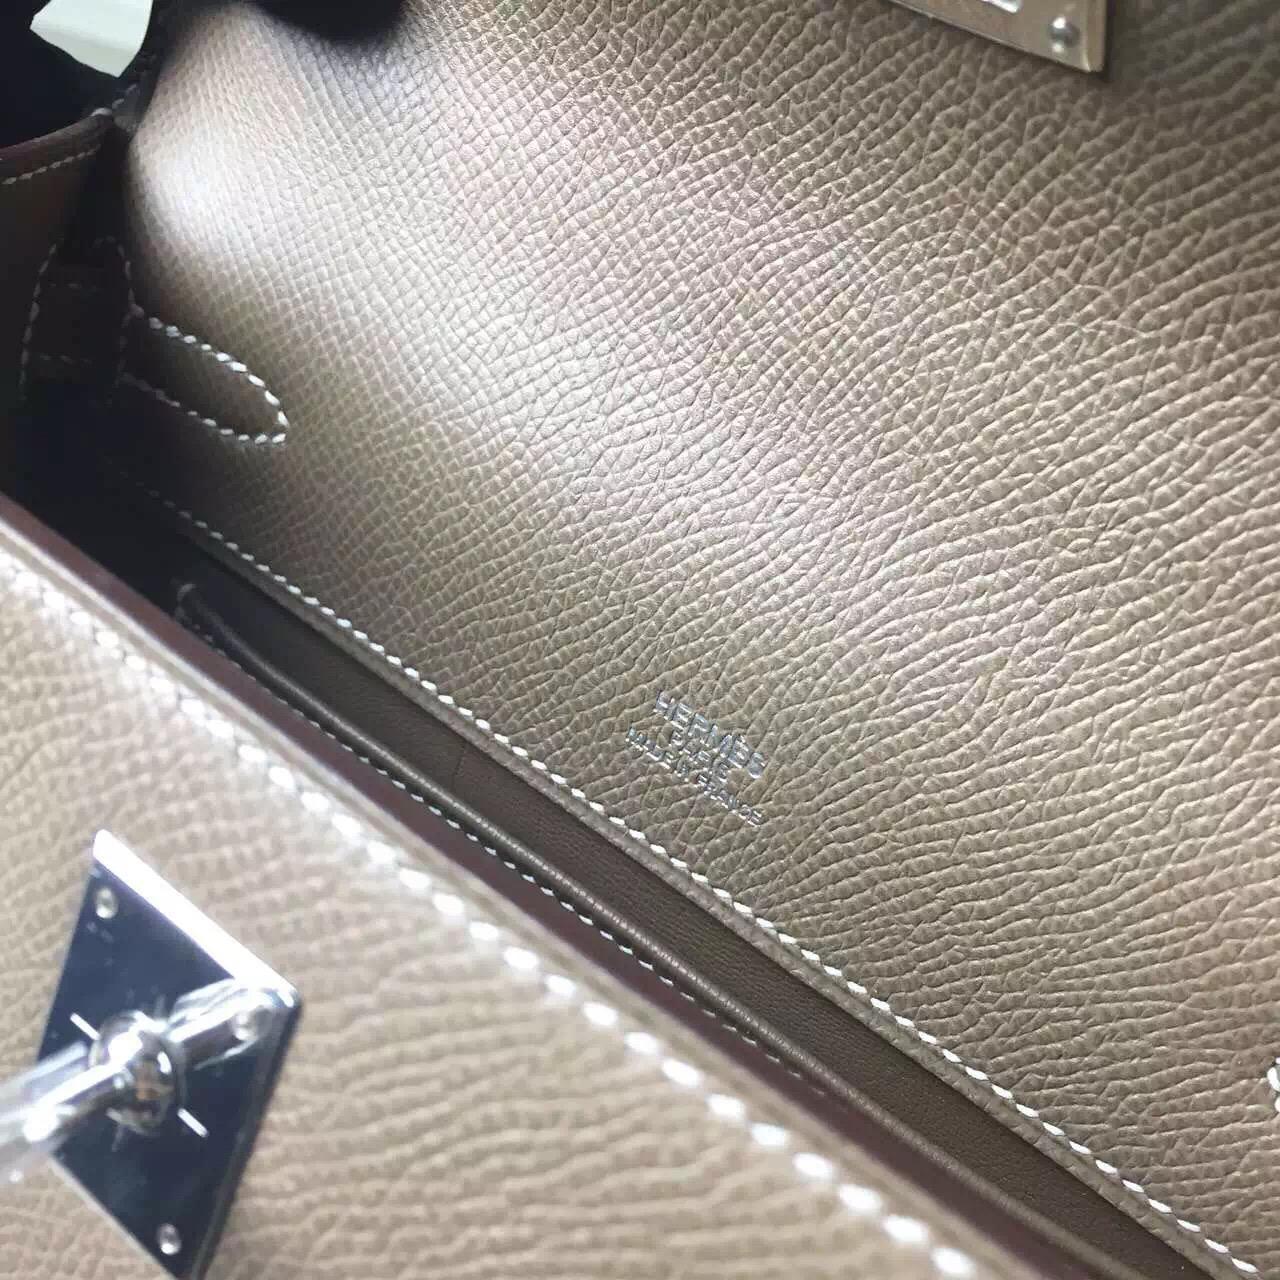 Hand Stitching Hermes Mini Kelly Original Epsom Leather Etoupe Grey Silver Hardware